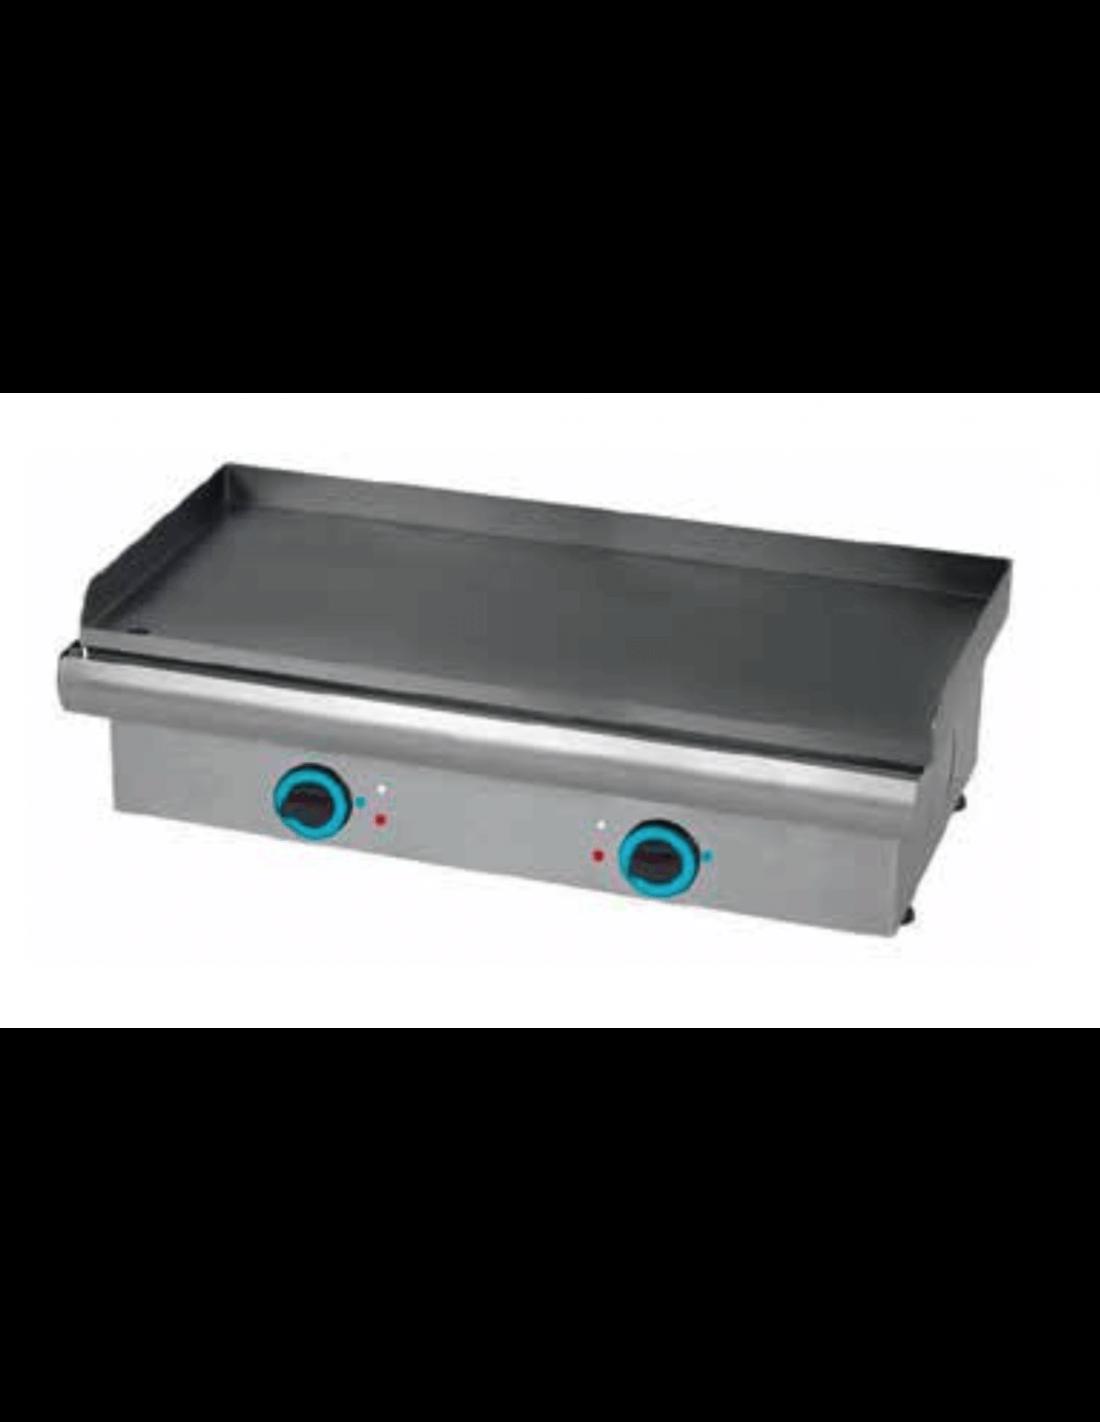 Plancha de cocina el ctrica profesional sobremesa pe60ns - Plancha electrica cocina ...